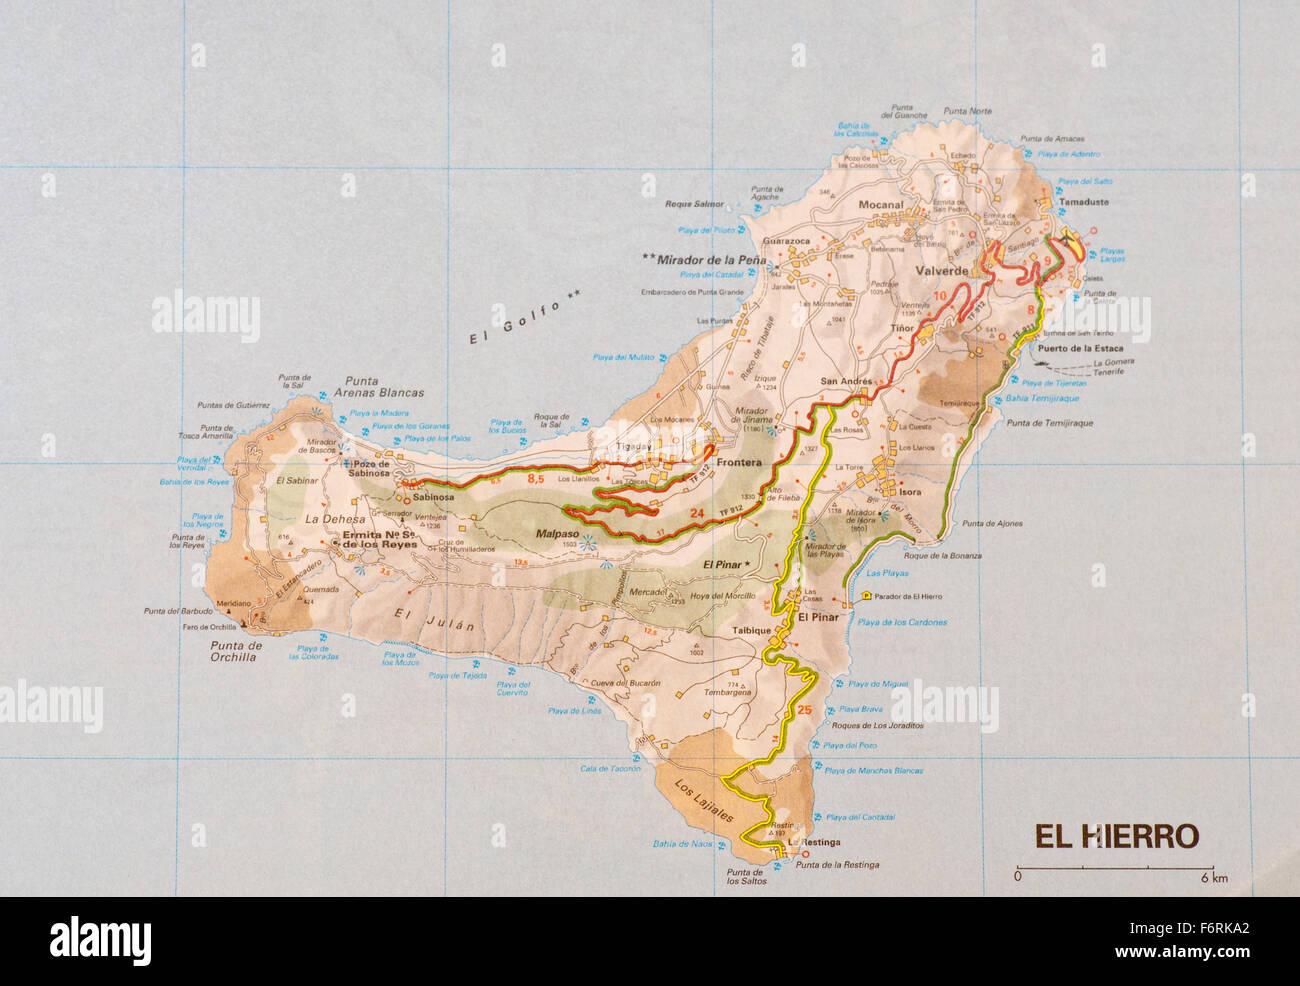 Cartina Geografica Spagna Isole.Mappa Di La Spagna Isole Canarie Di El Hierro Noto Anche Come Isla Del Meridiano Foto Stock Alamy